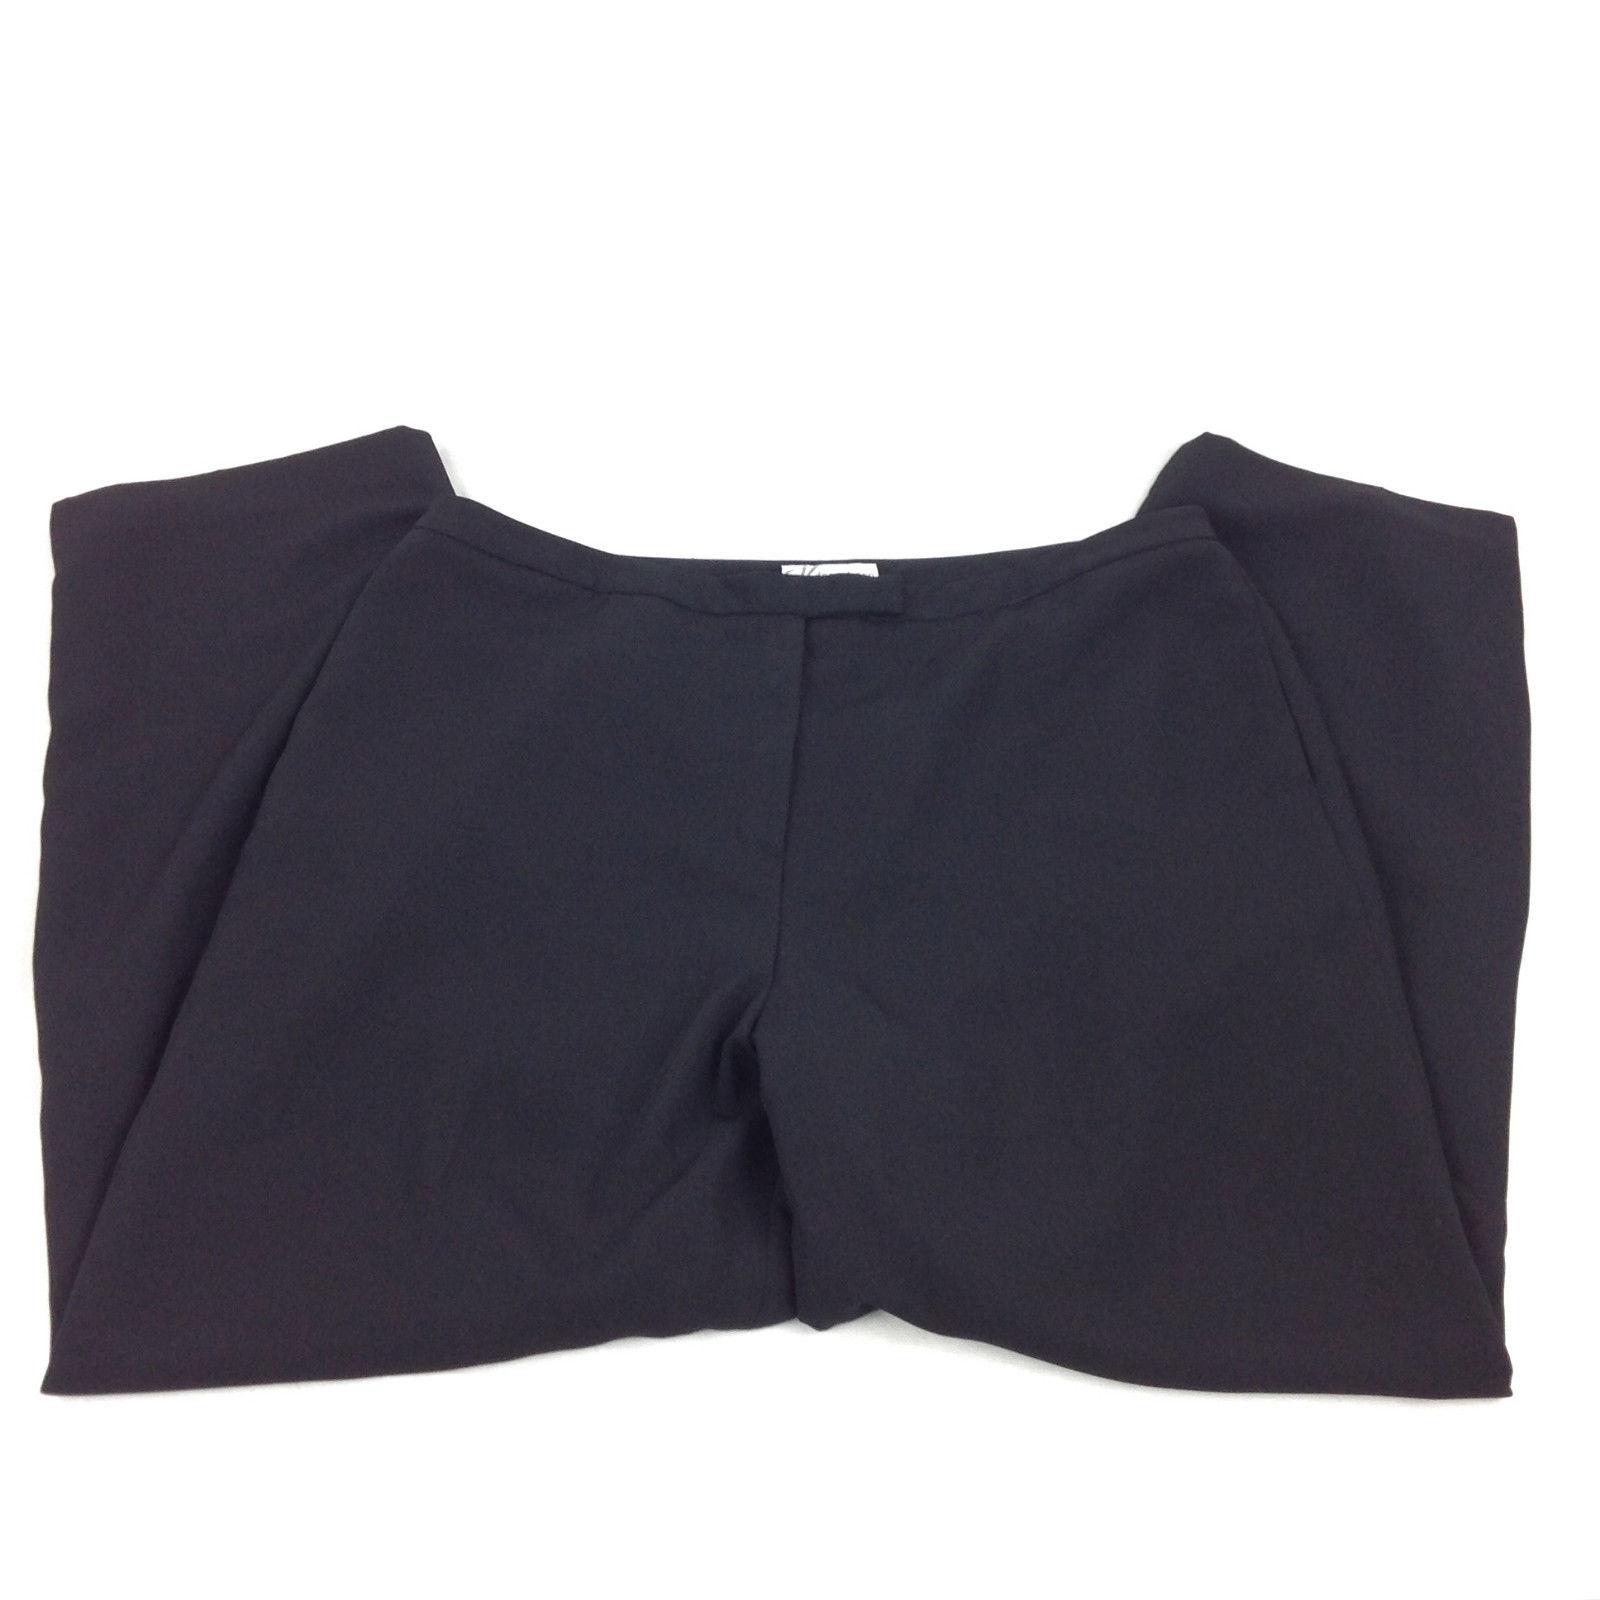 389554af41 Dress Barn Womens Plus Size 18 Black Dress Pants Lined Office Wear ...